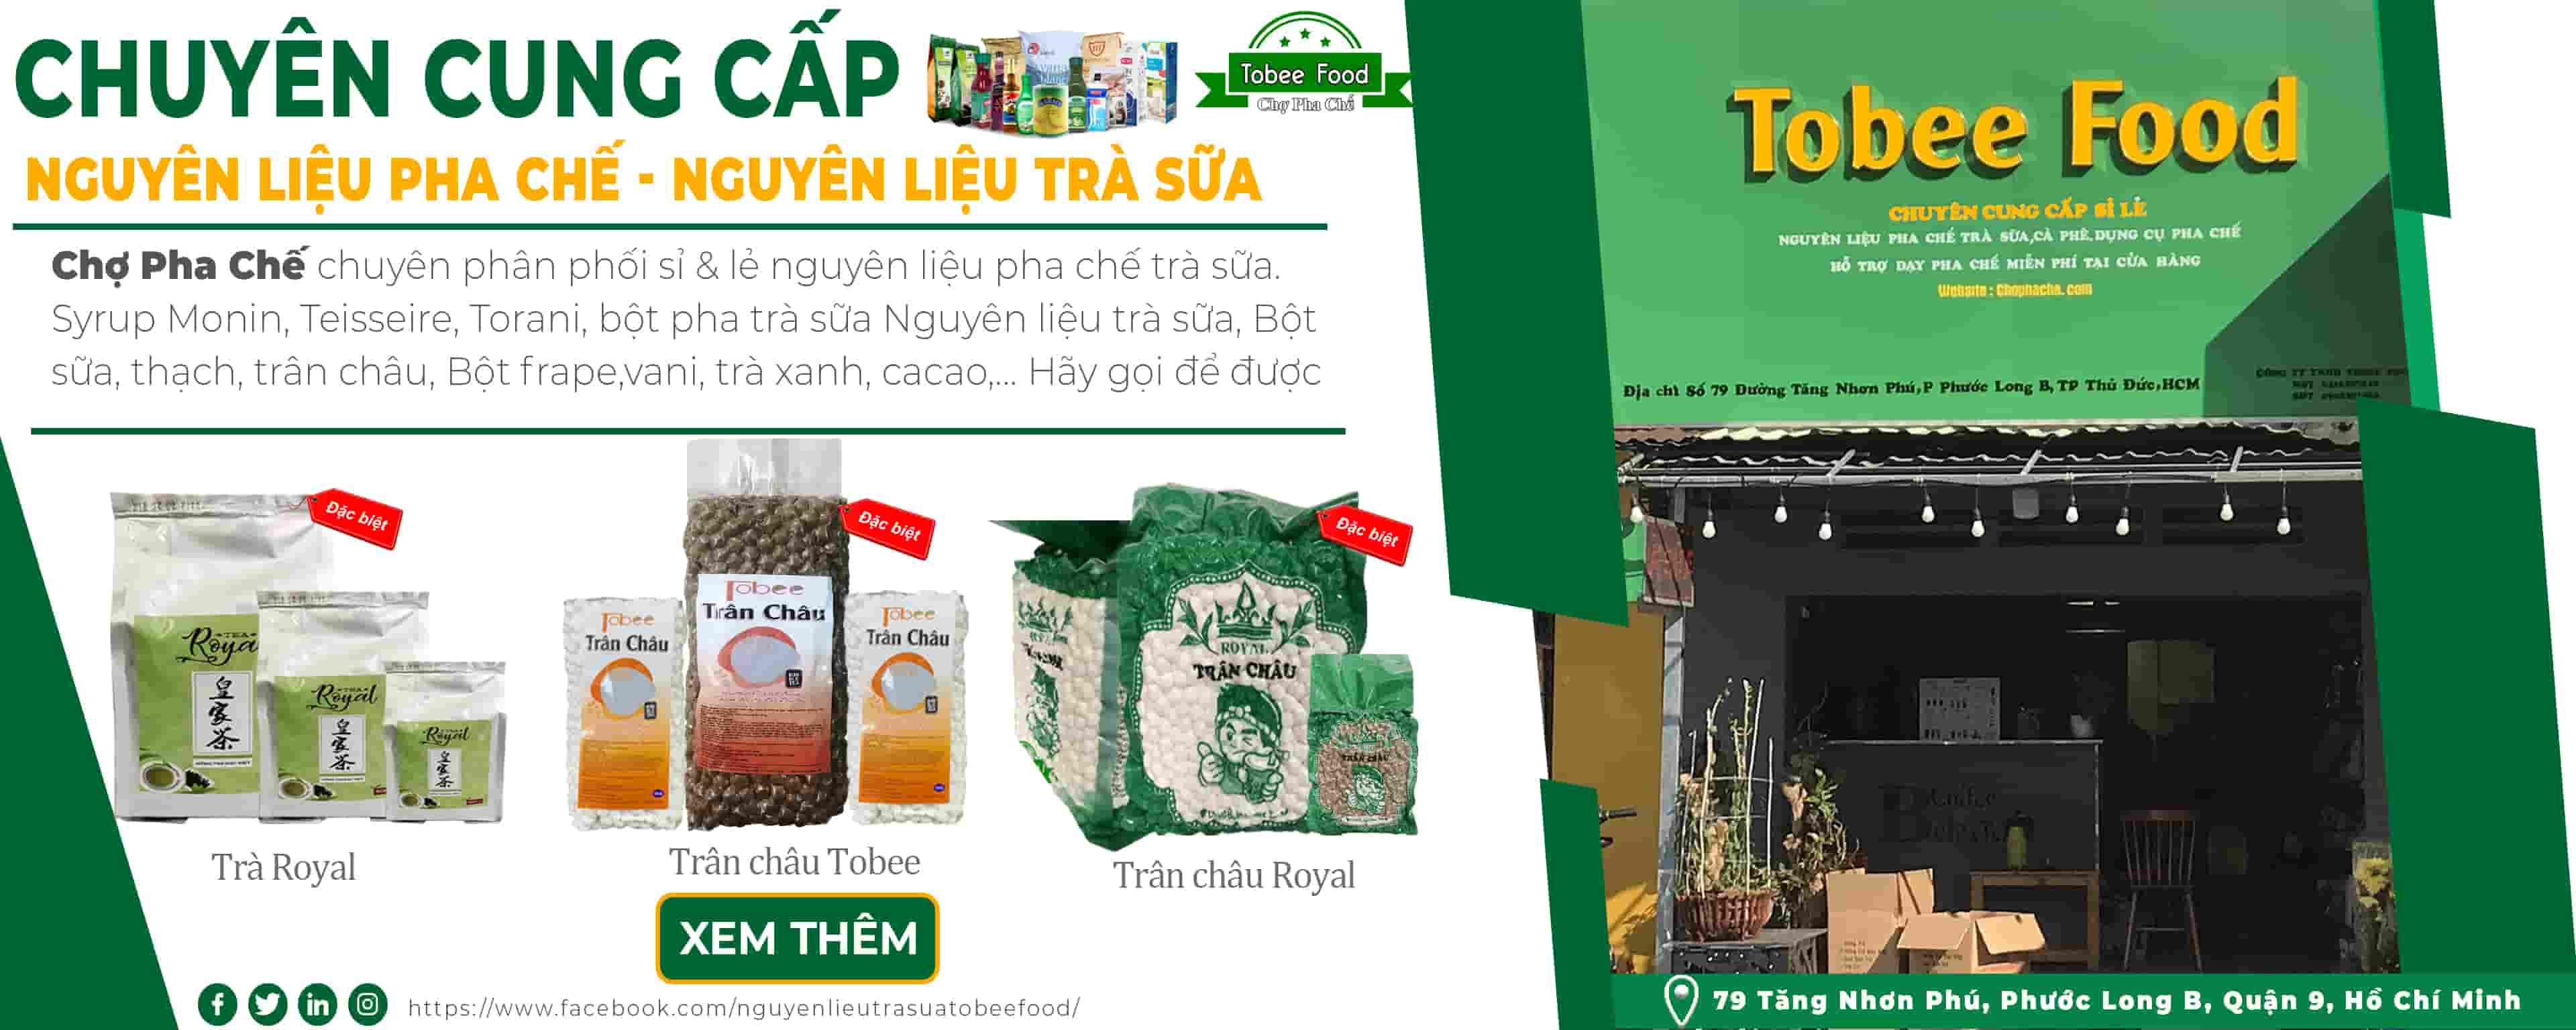 Giới thiệu công ty TNHH Tobee Food Nguyên liệu pha chế